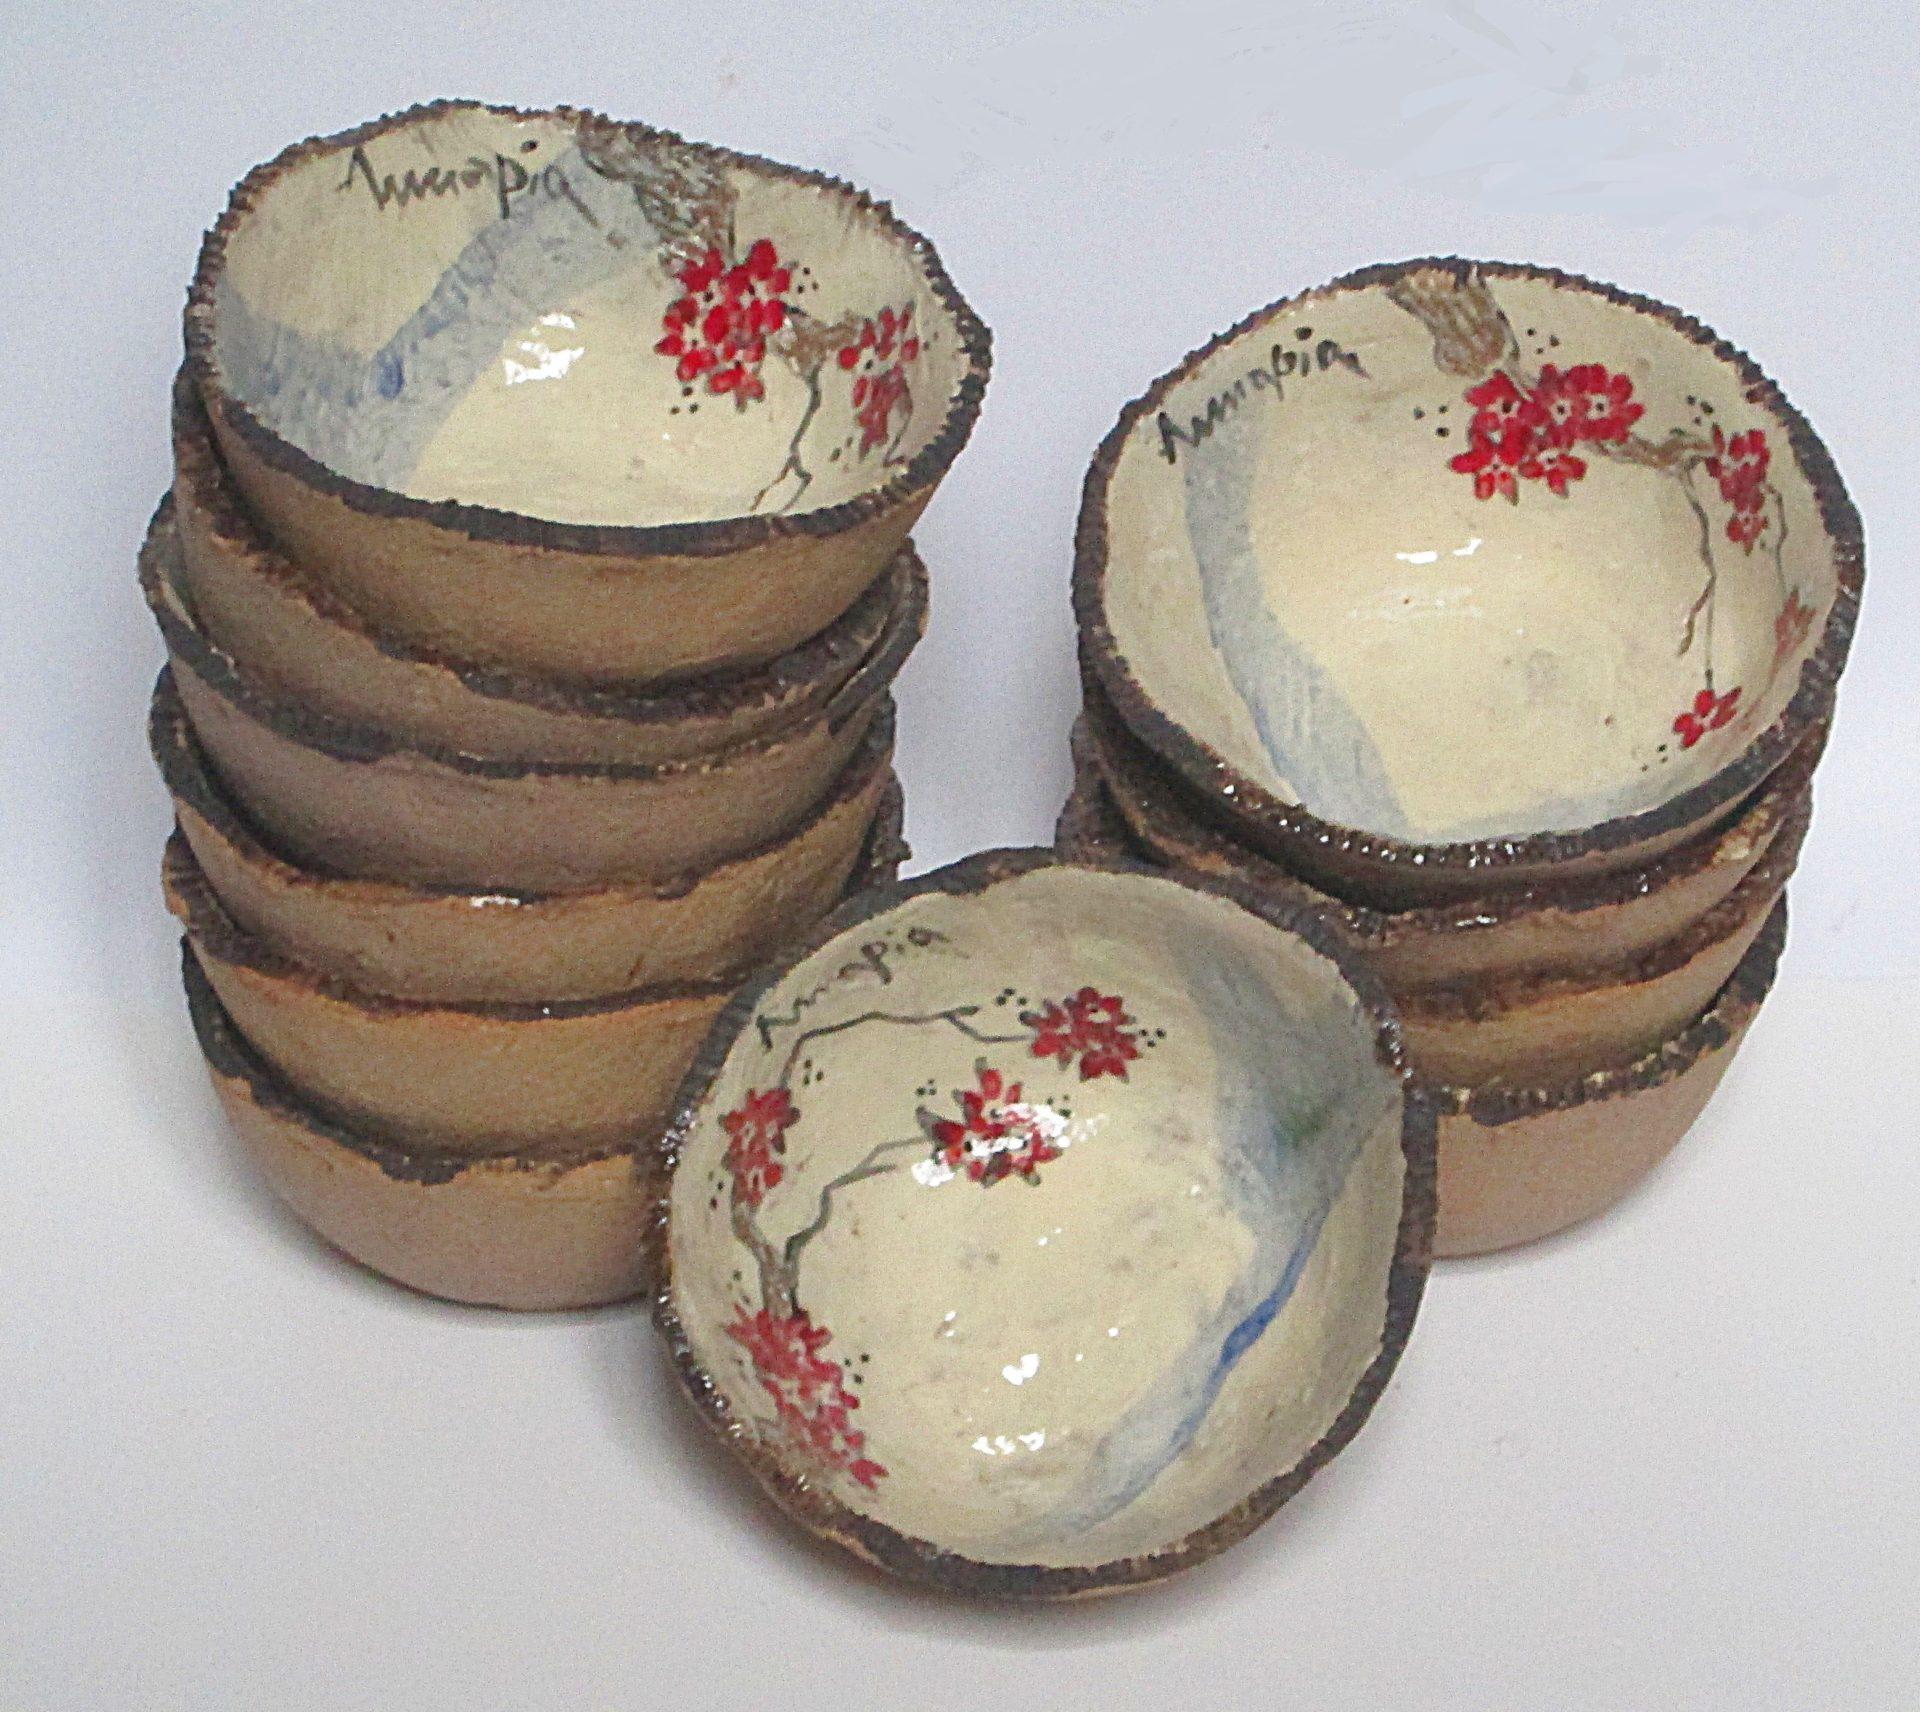 handmade japanese ceramic bowl mug craft Annapia Sogliani ciotoline macedonia ceramica fatta e decorata a mano engobbio, bols céramique faite et décorée main grès décor engobe